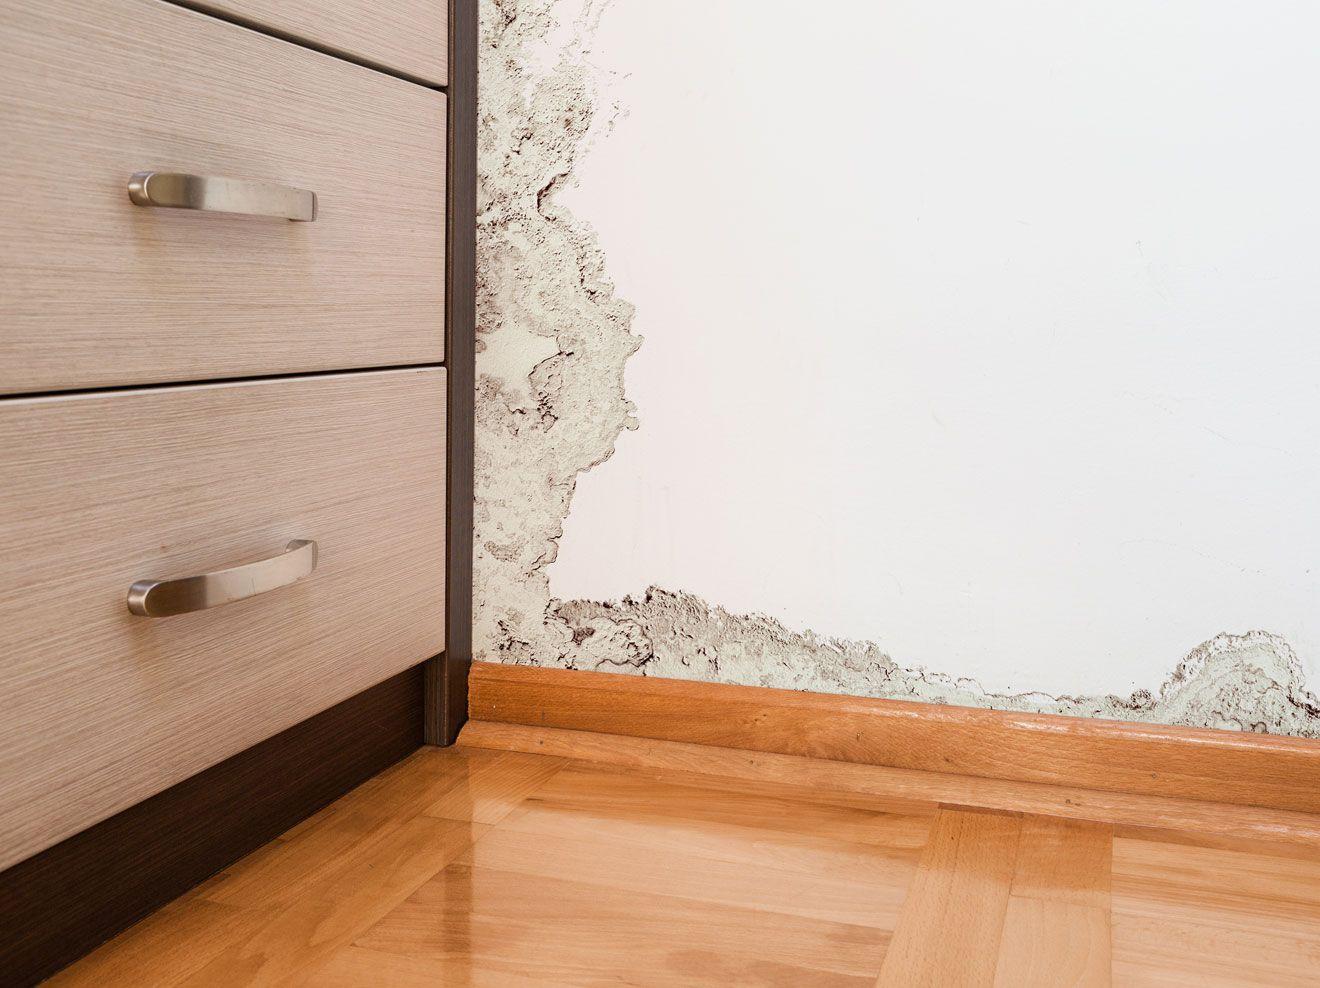 Schimmel Im Haus Entfernen Und Vorbeugen Schimmel Im Haus Schimmel Wohnung Und Haus Renovieren Kosten